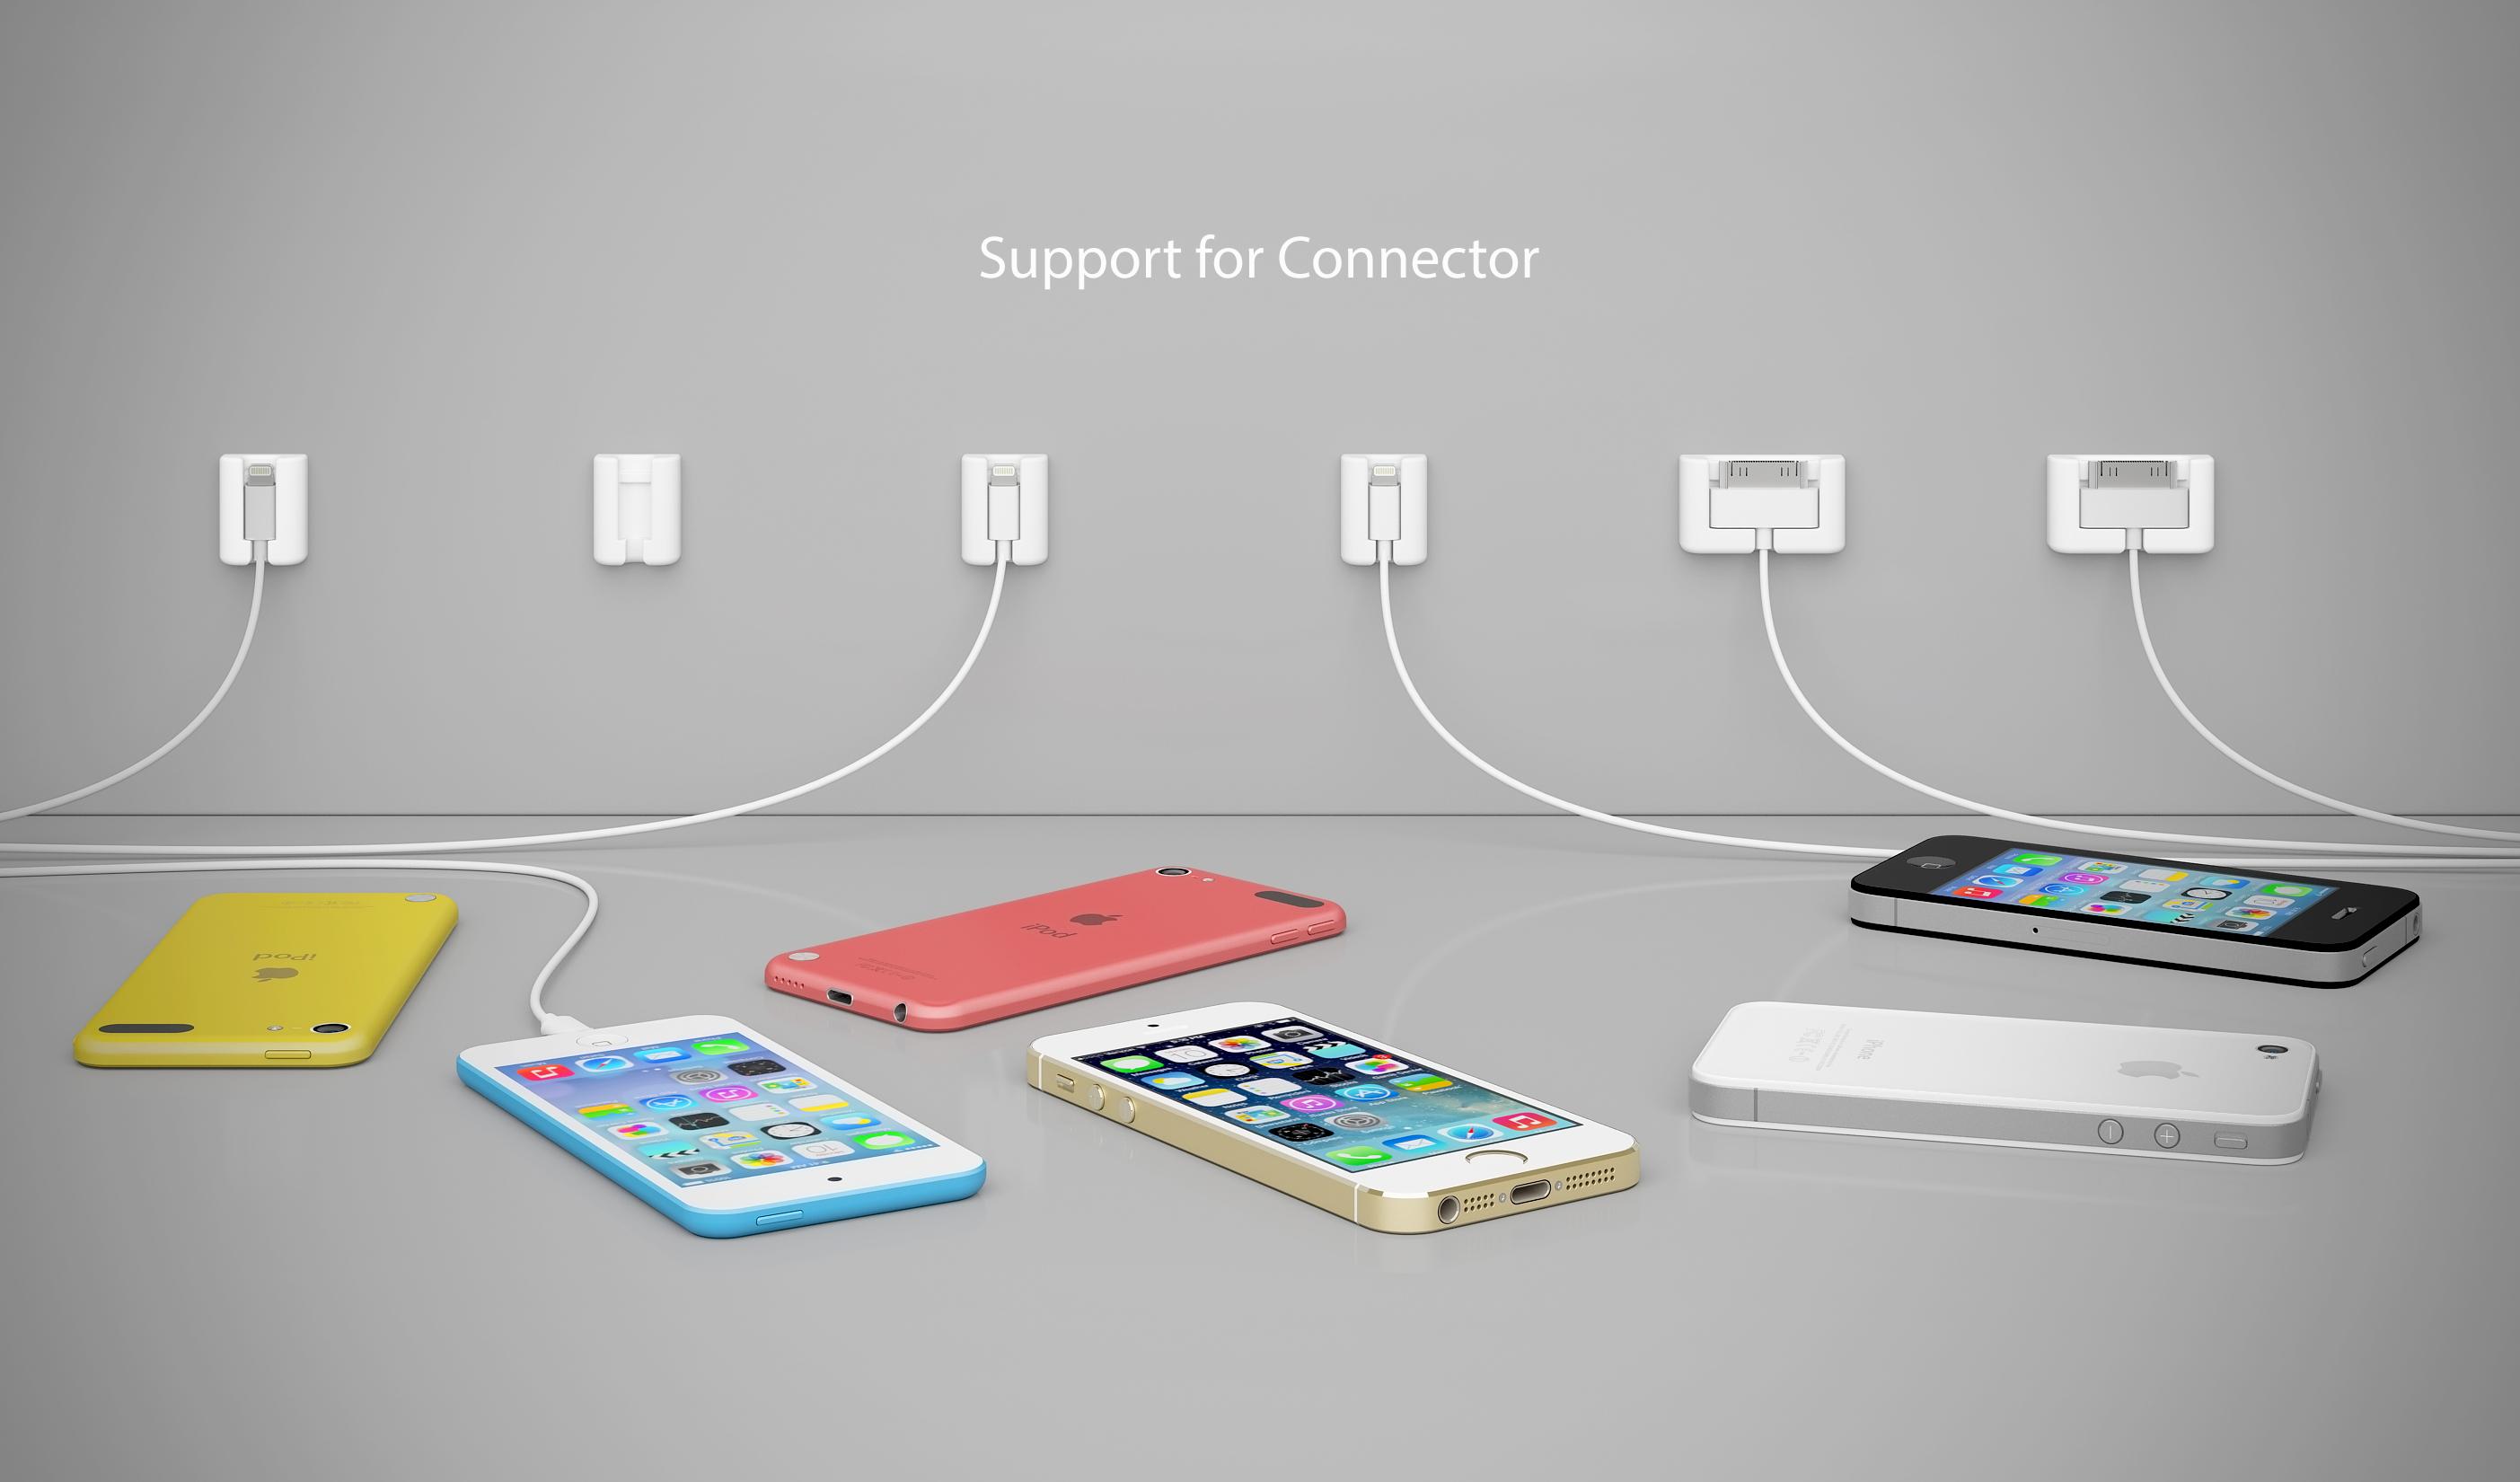 Accesorio ideal para tu iPhone, iPad o iPod